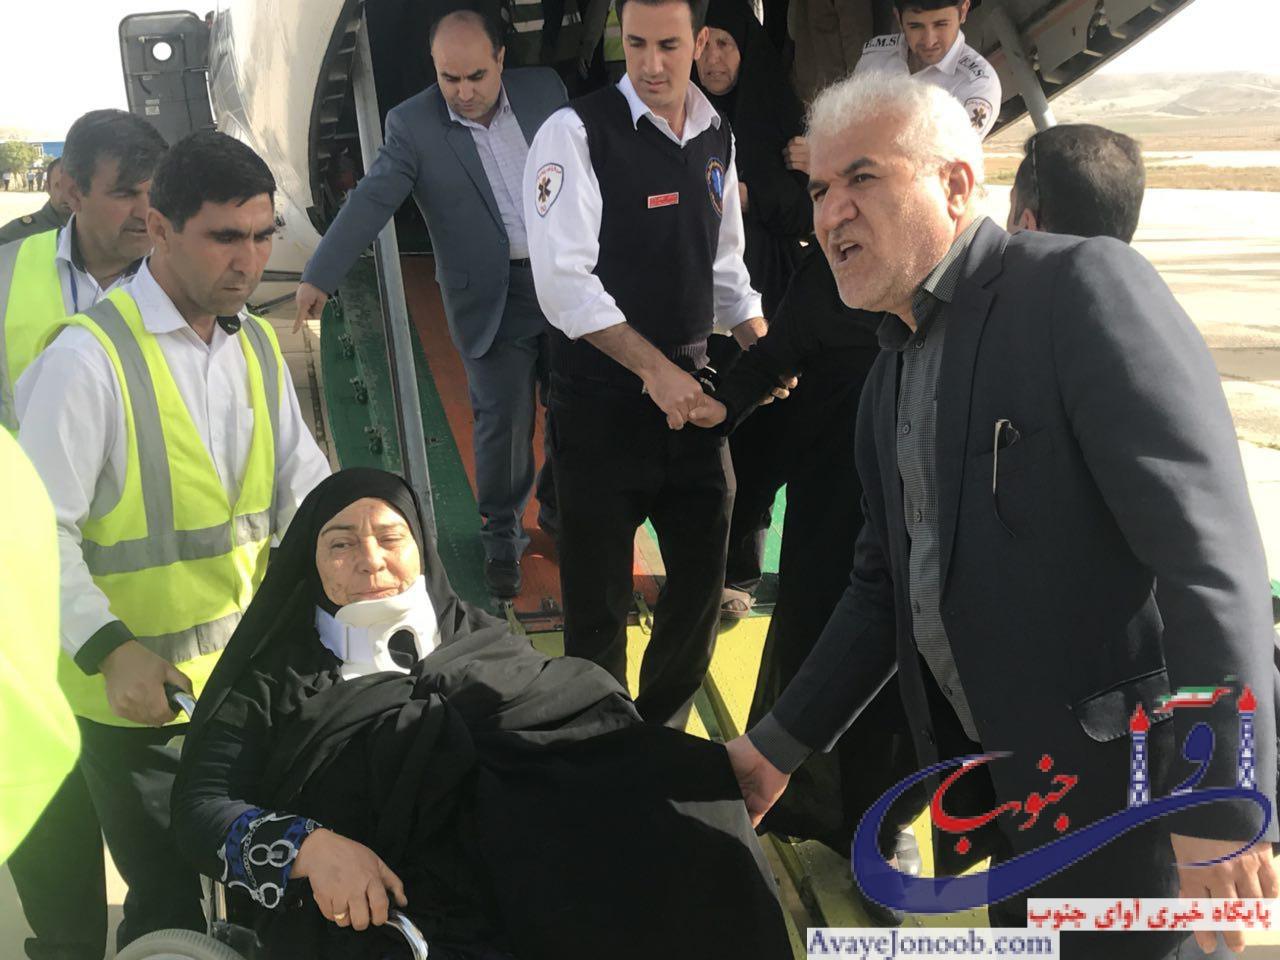 باهمت سازمان هوا فضا سپاه و اورژانس کشور/انتقال ۳۳ نفر از حادثه دیگان واژگونی اتوبوس زائران مشهد مقدس به گچساران+تصاویر